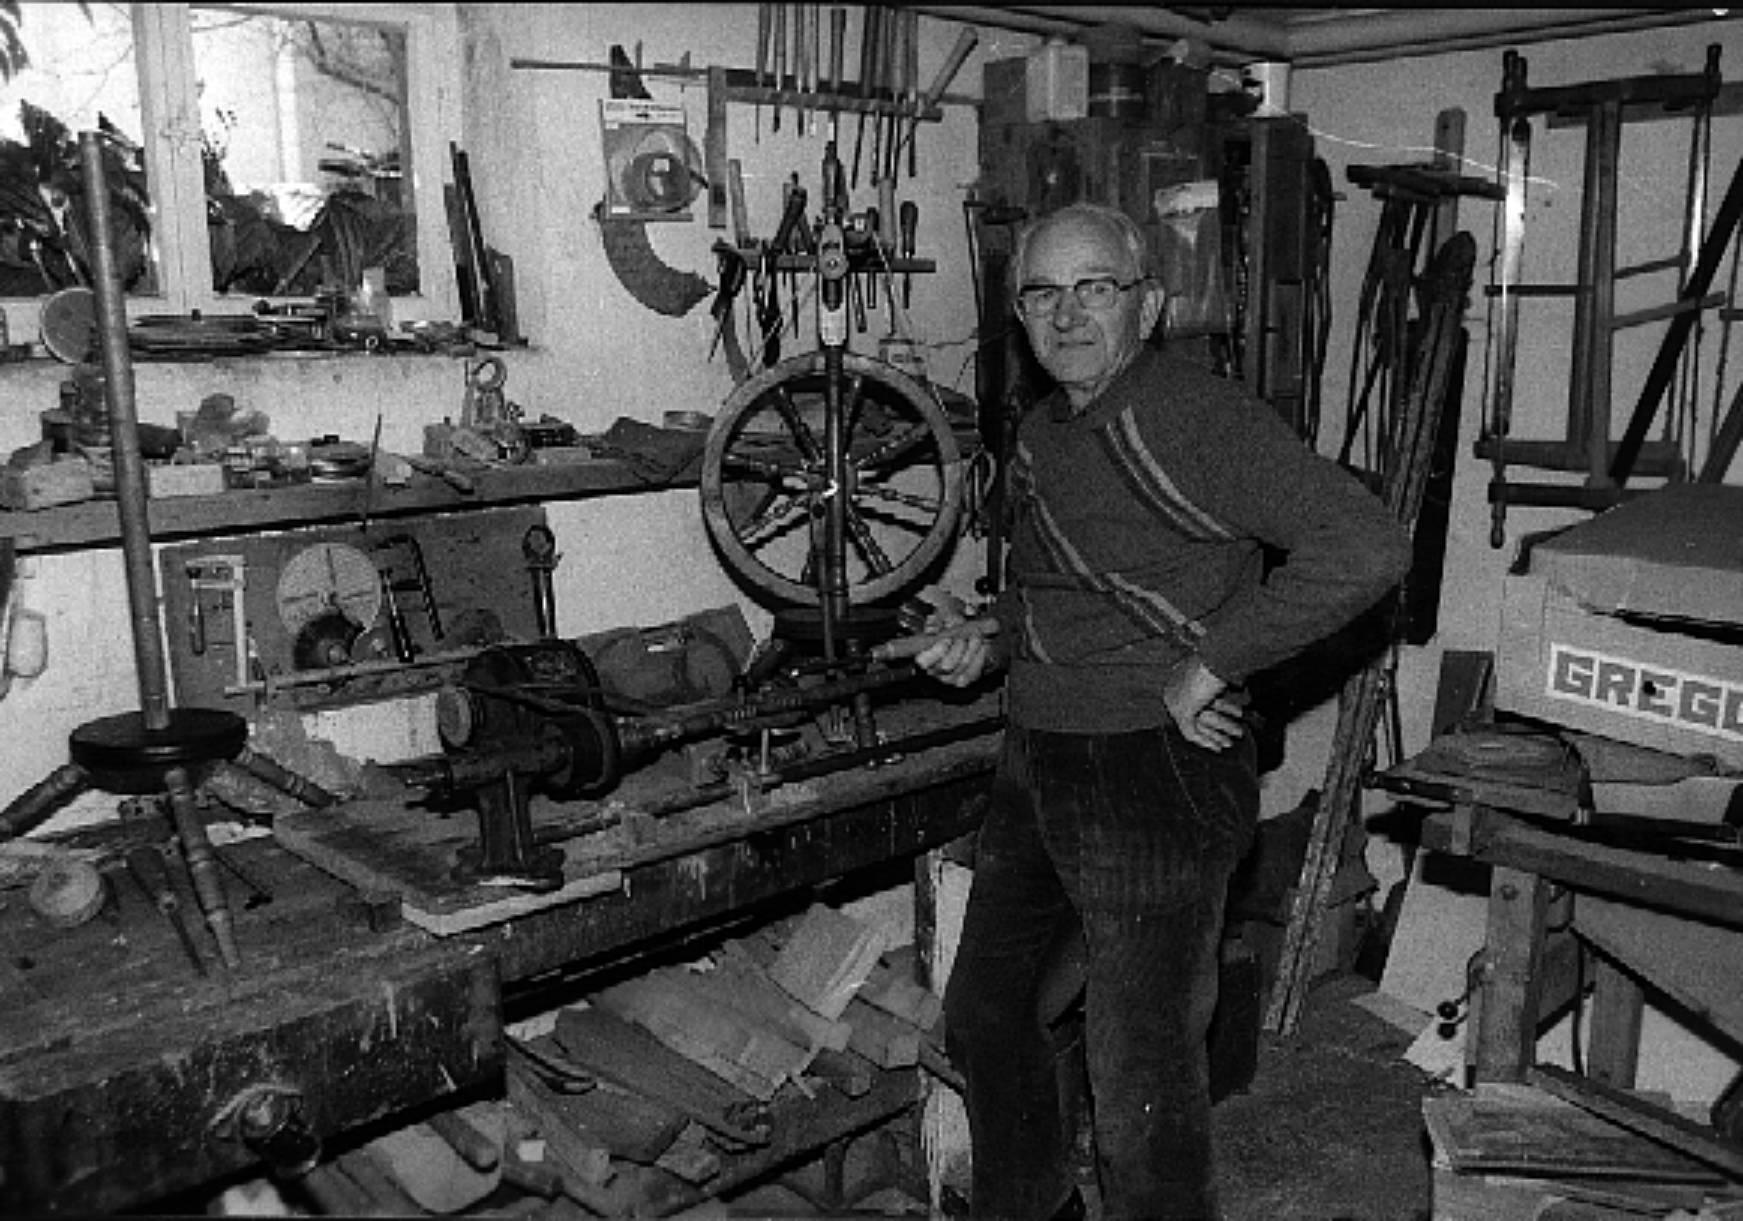 Bild von Willy Braun in seiner Werkstatt